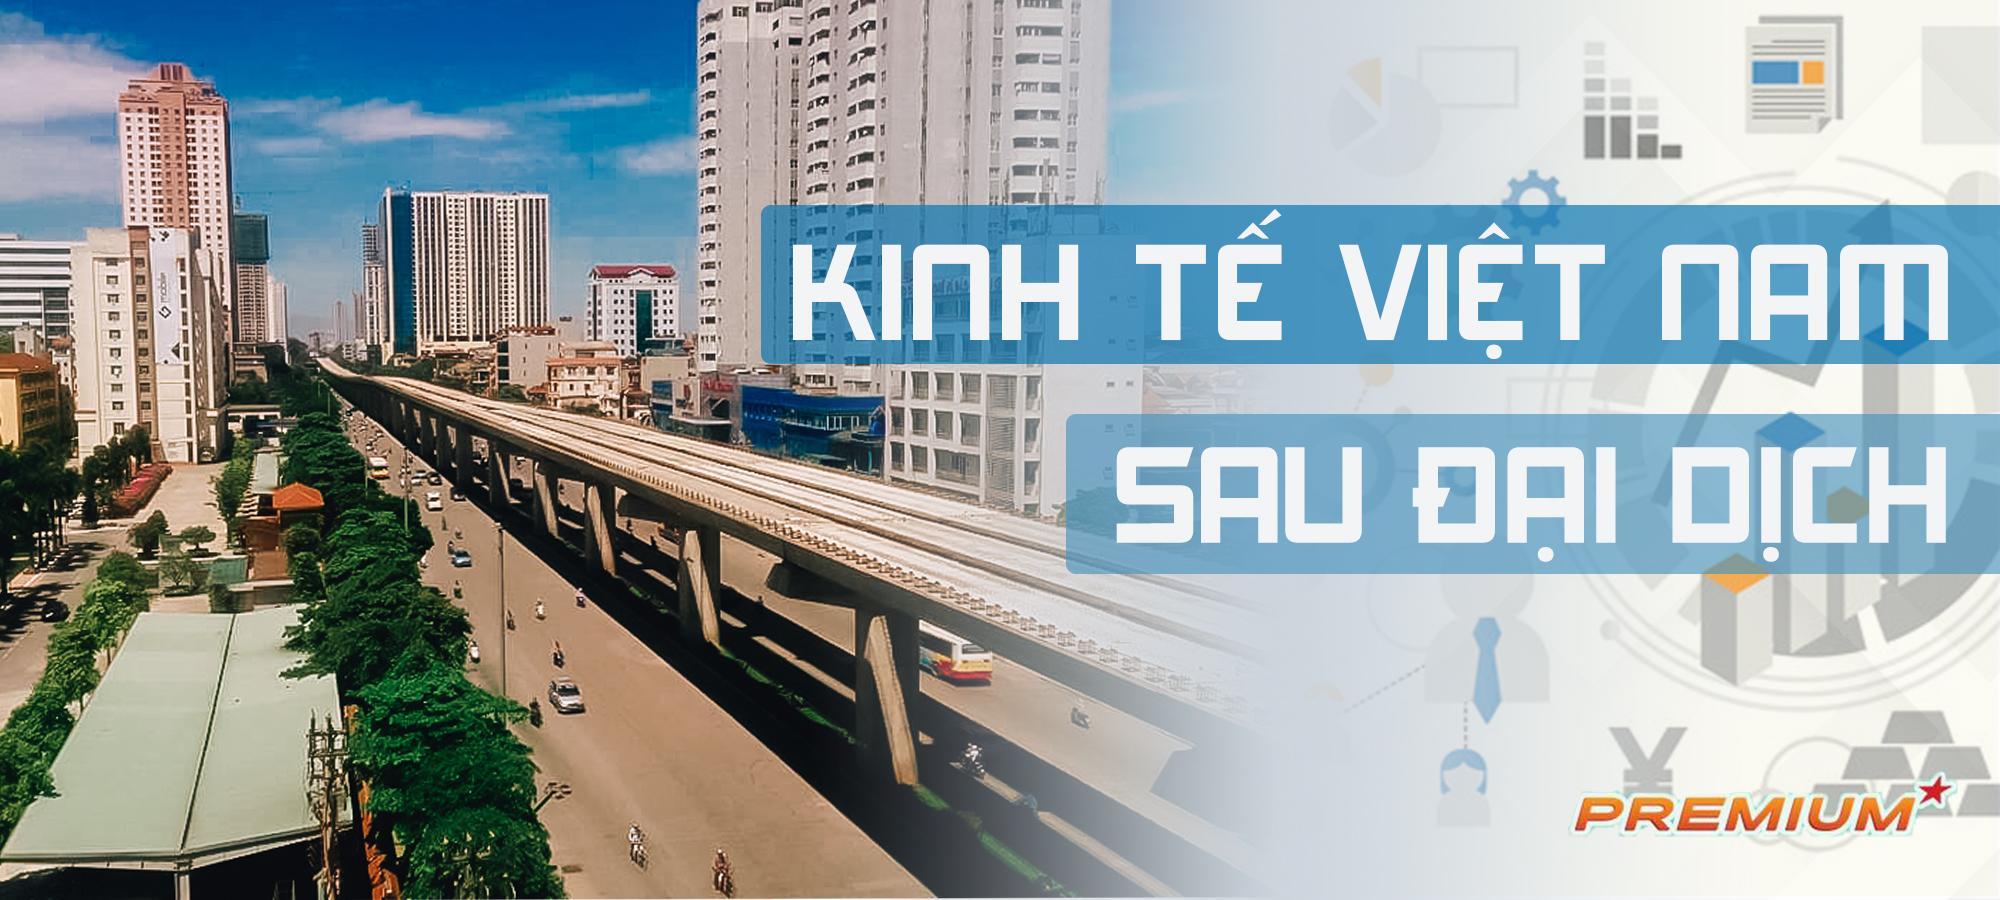 Kinh tế Việt Nam sau đại dịch